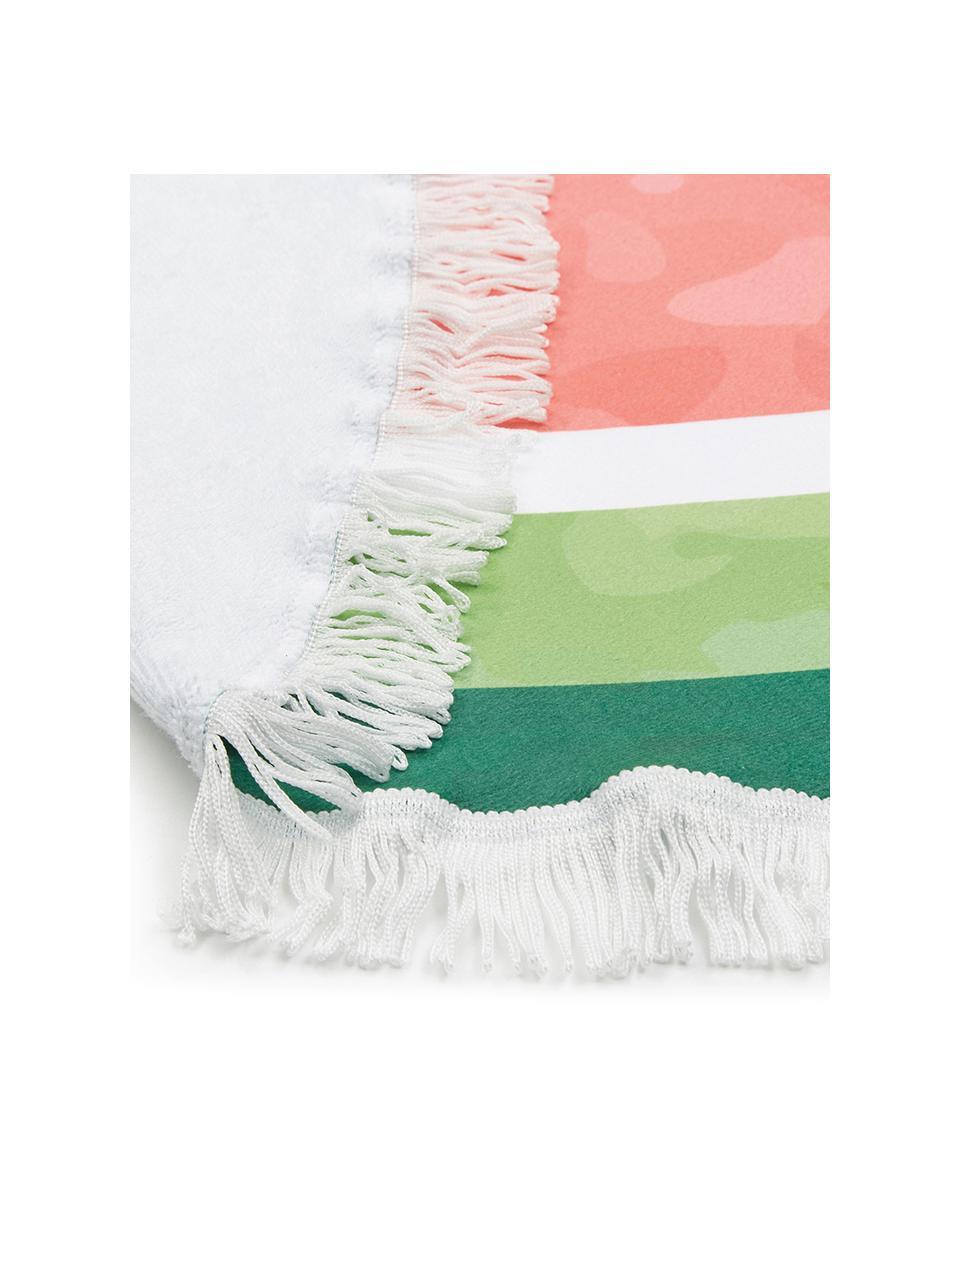 Telo mare rotondo Melon, 55% poliestere, 45% cotone Qualità molto leggera 340 g/m², Verde scuro, verde chiaro, rosso, Ø 150 cm